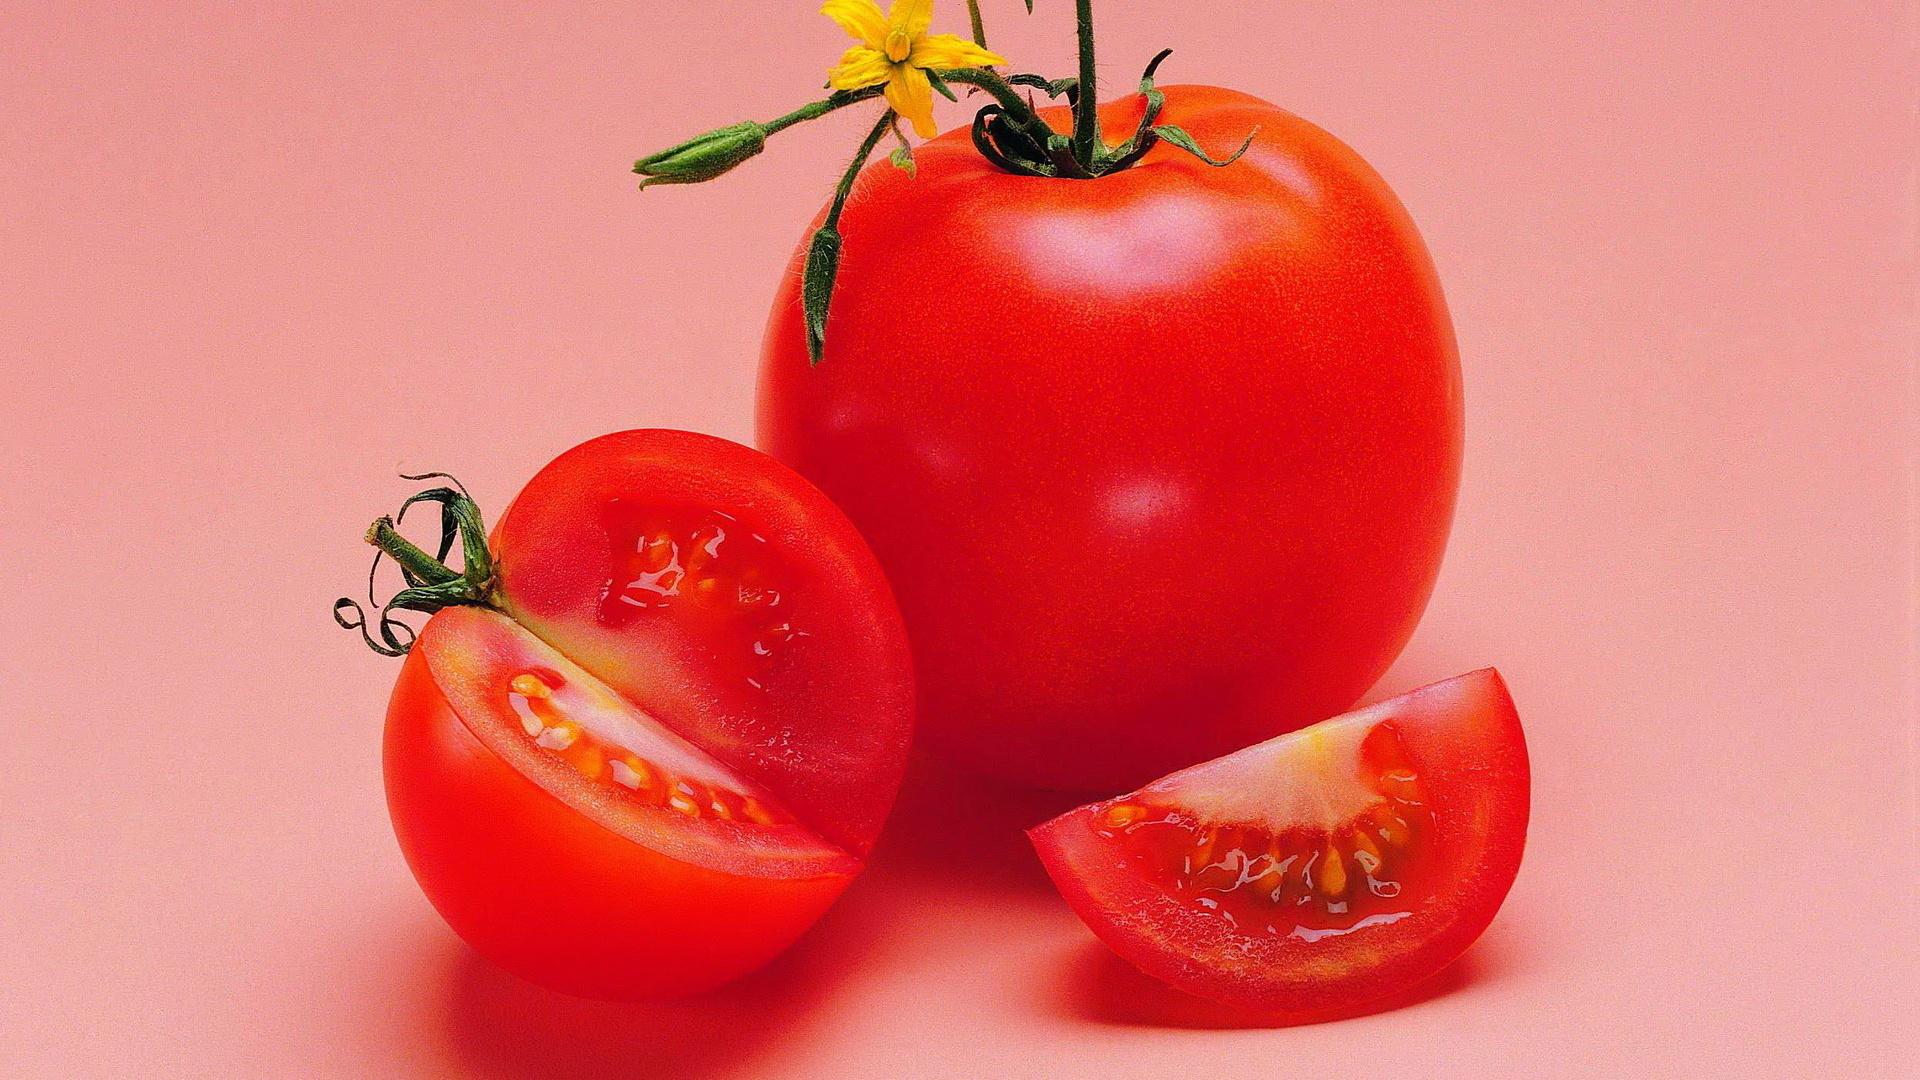 tomato, wallpaper, фото, помидоры